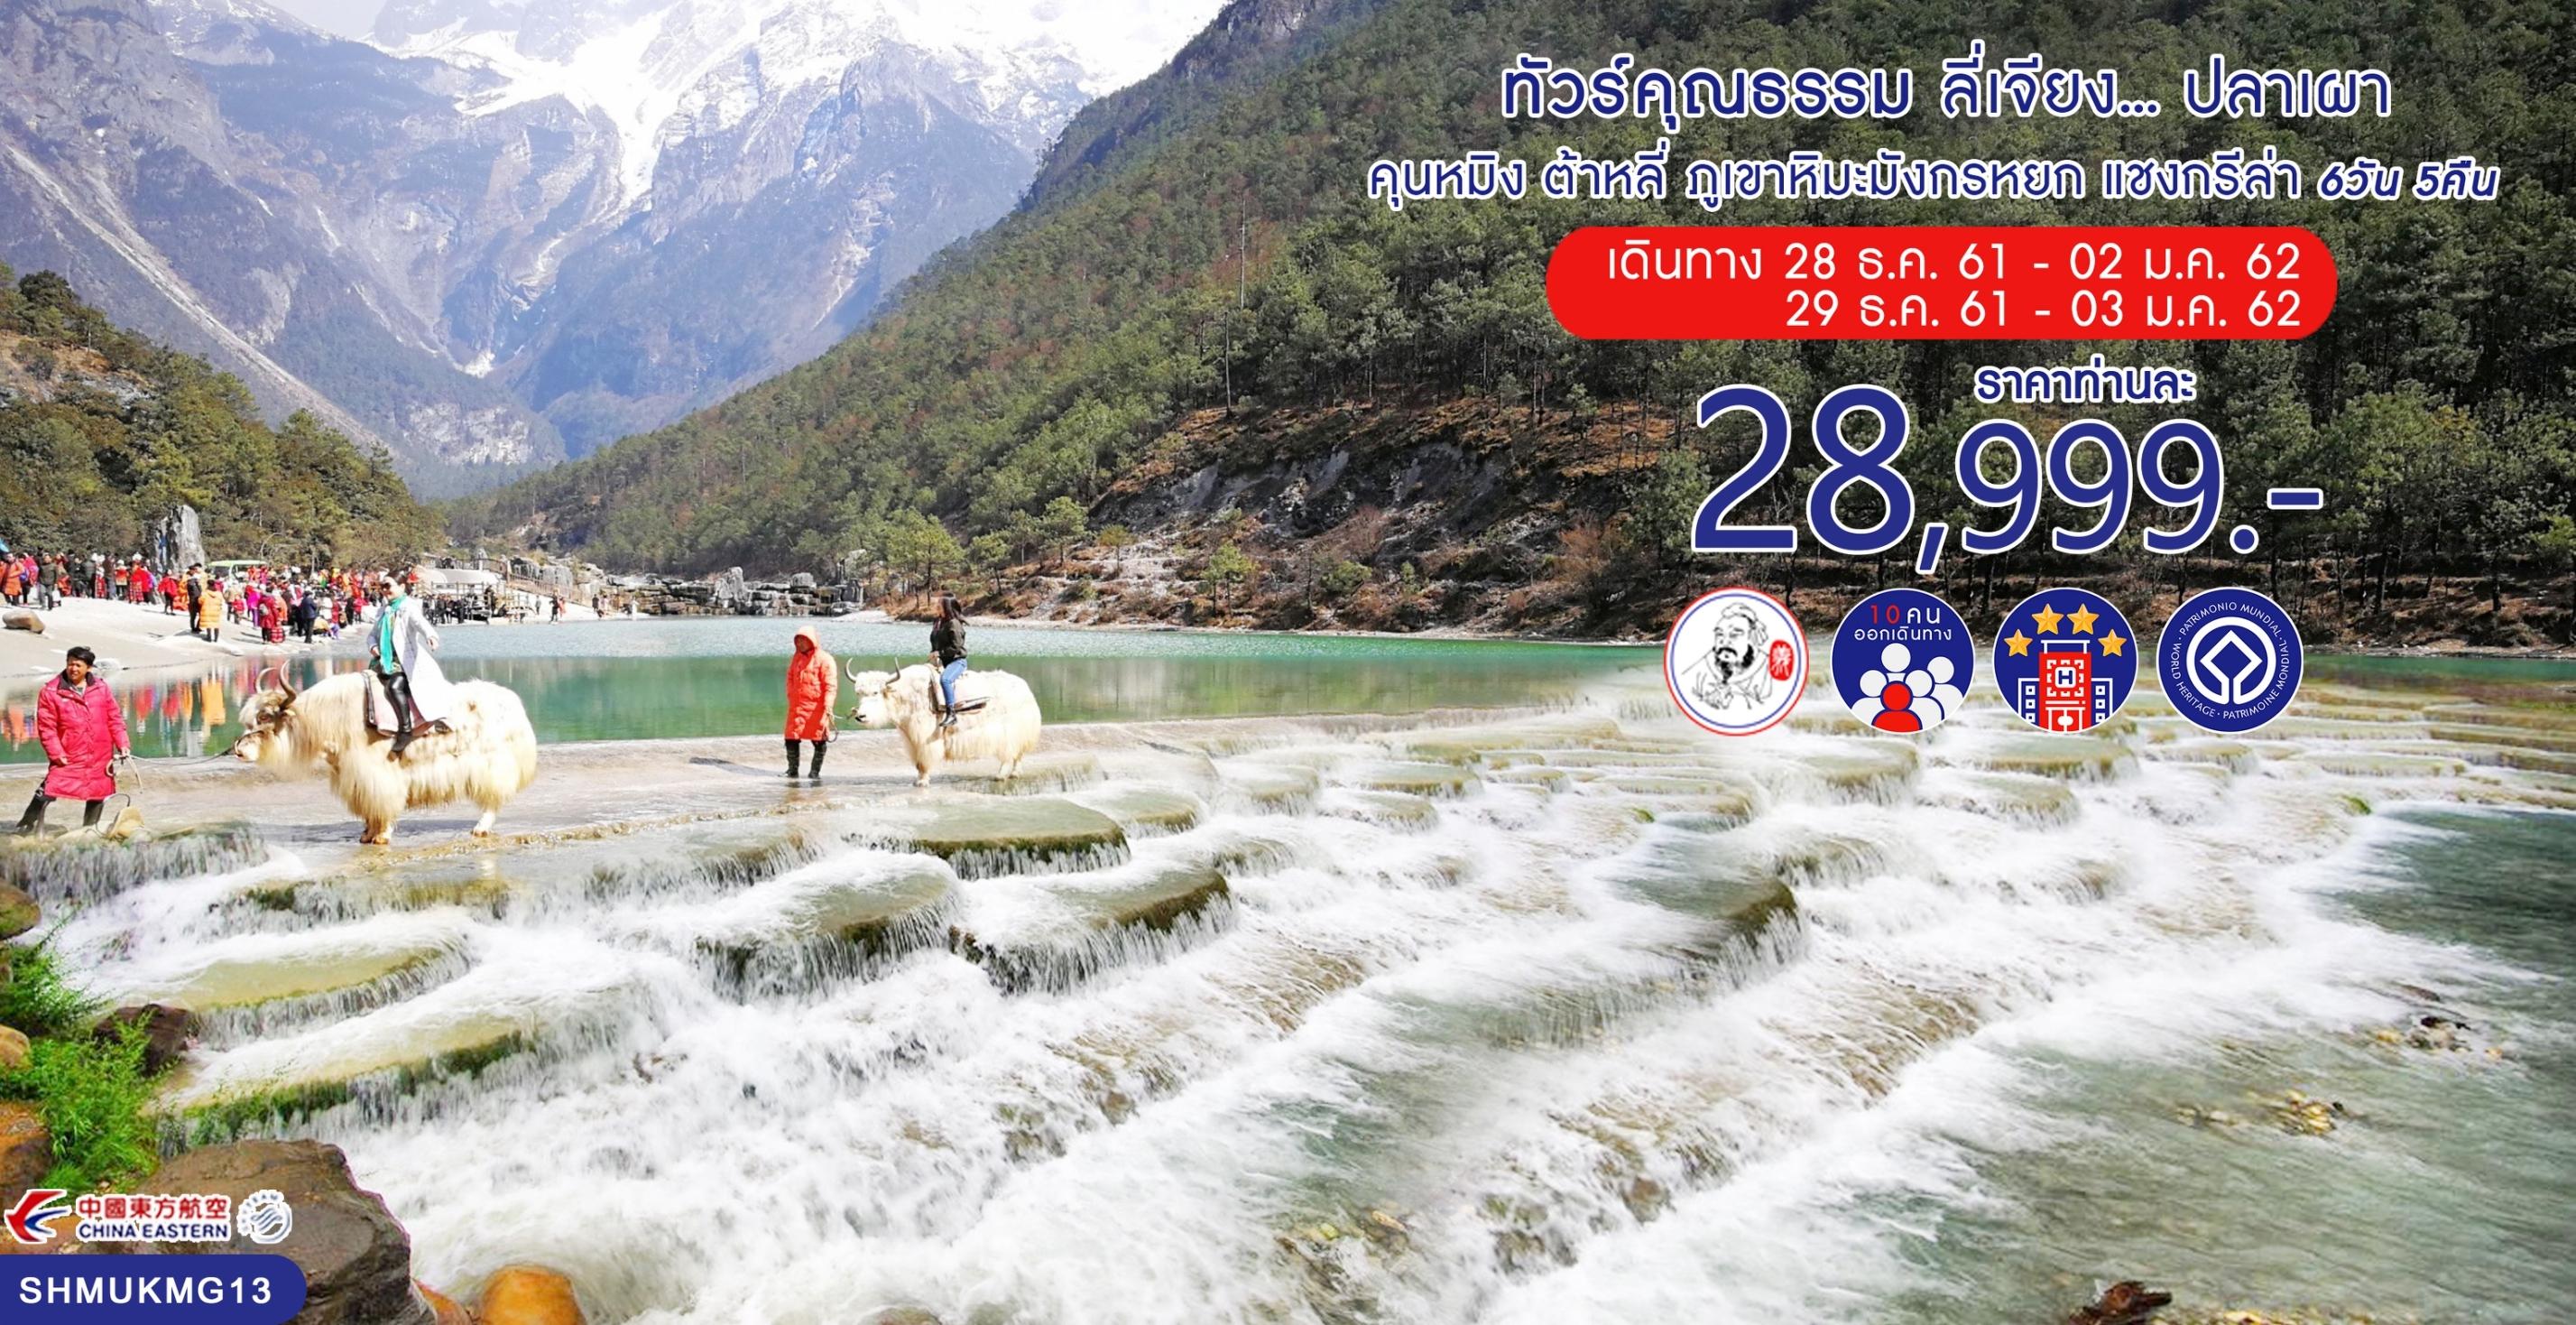 ทัวร์จีน ทัวร์คุณธรรม ทัวร์ลี่เจียง...ปลาเผา คุนหมิง ต้าหลี่ ภูเขาหิมะมังกรหยก แชงกรีล่า 6 วัน 5 คืน (MU)